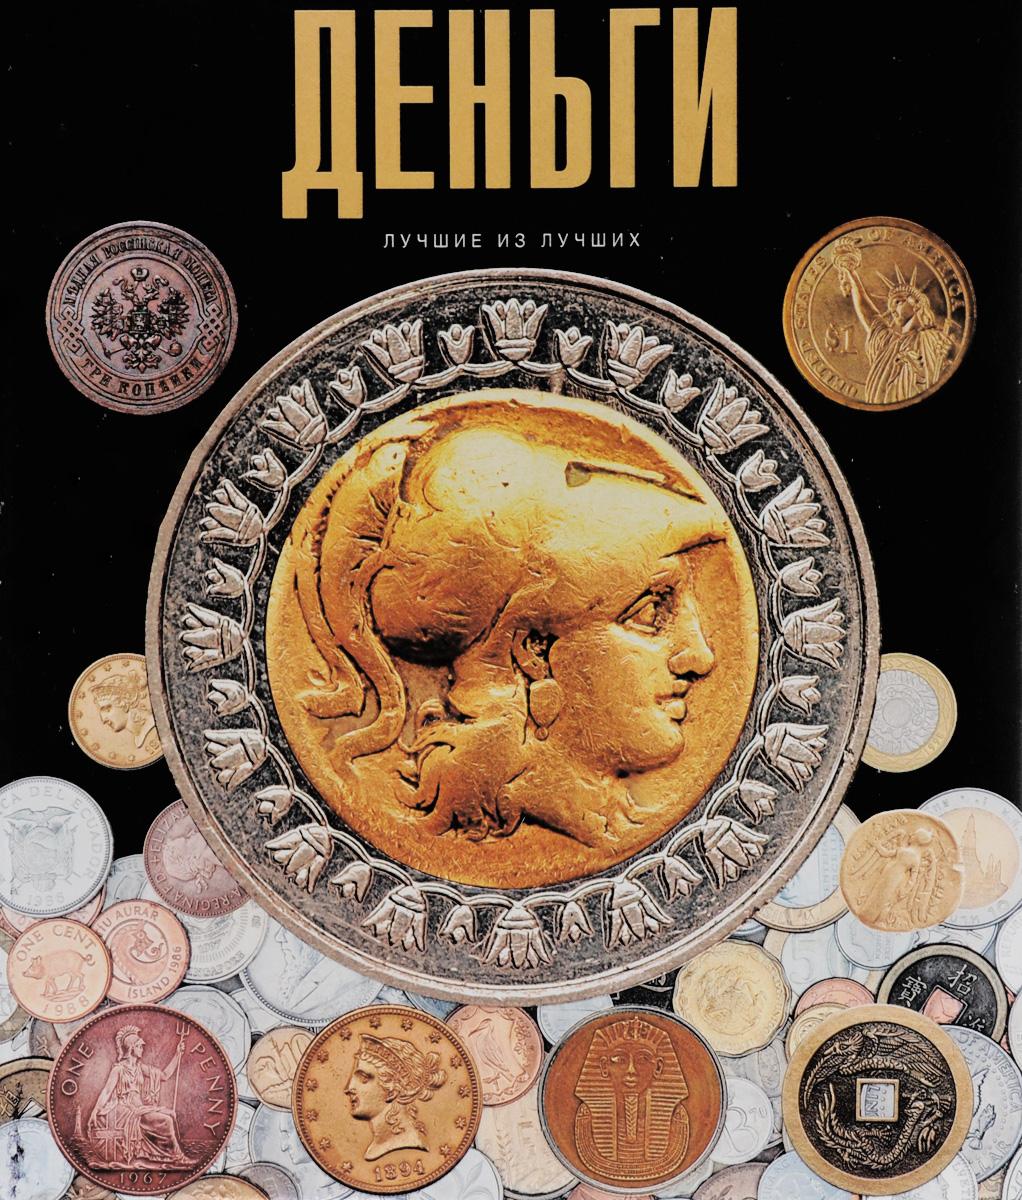 Деньги все мандалы мира шаблоны для рисования и расшифровка тайных символов